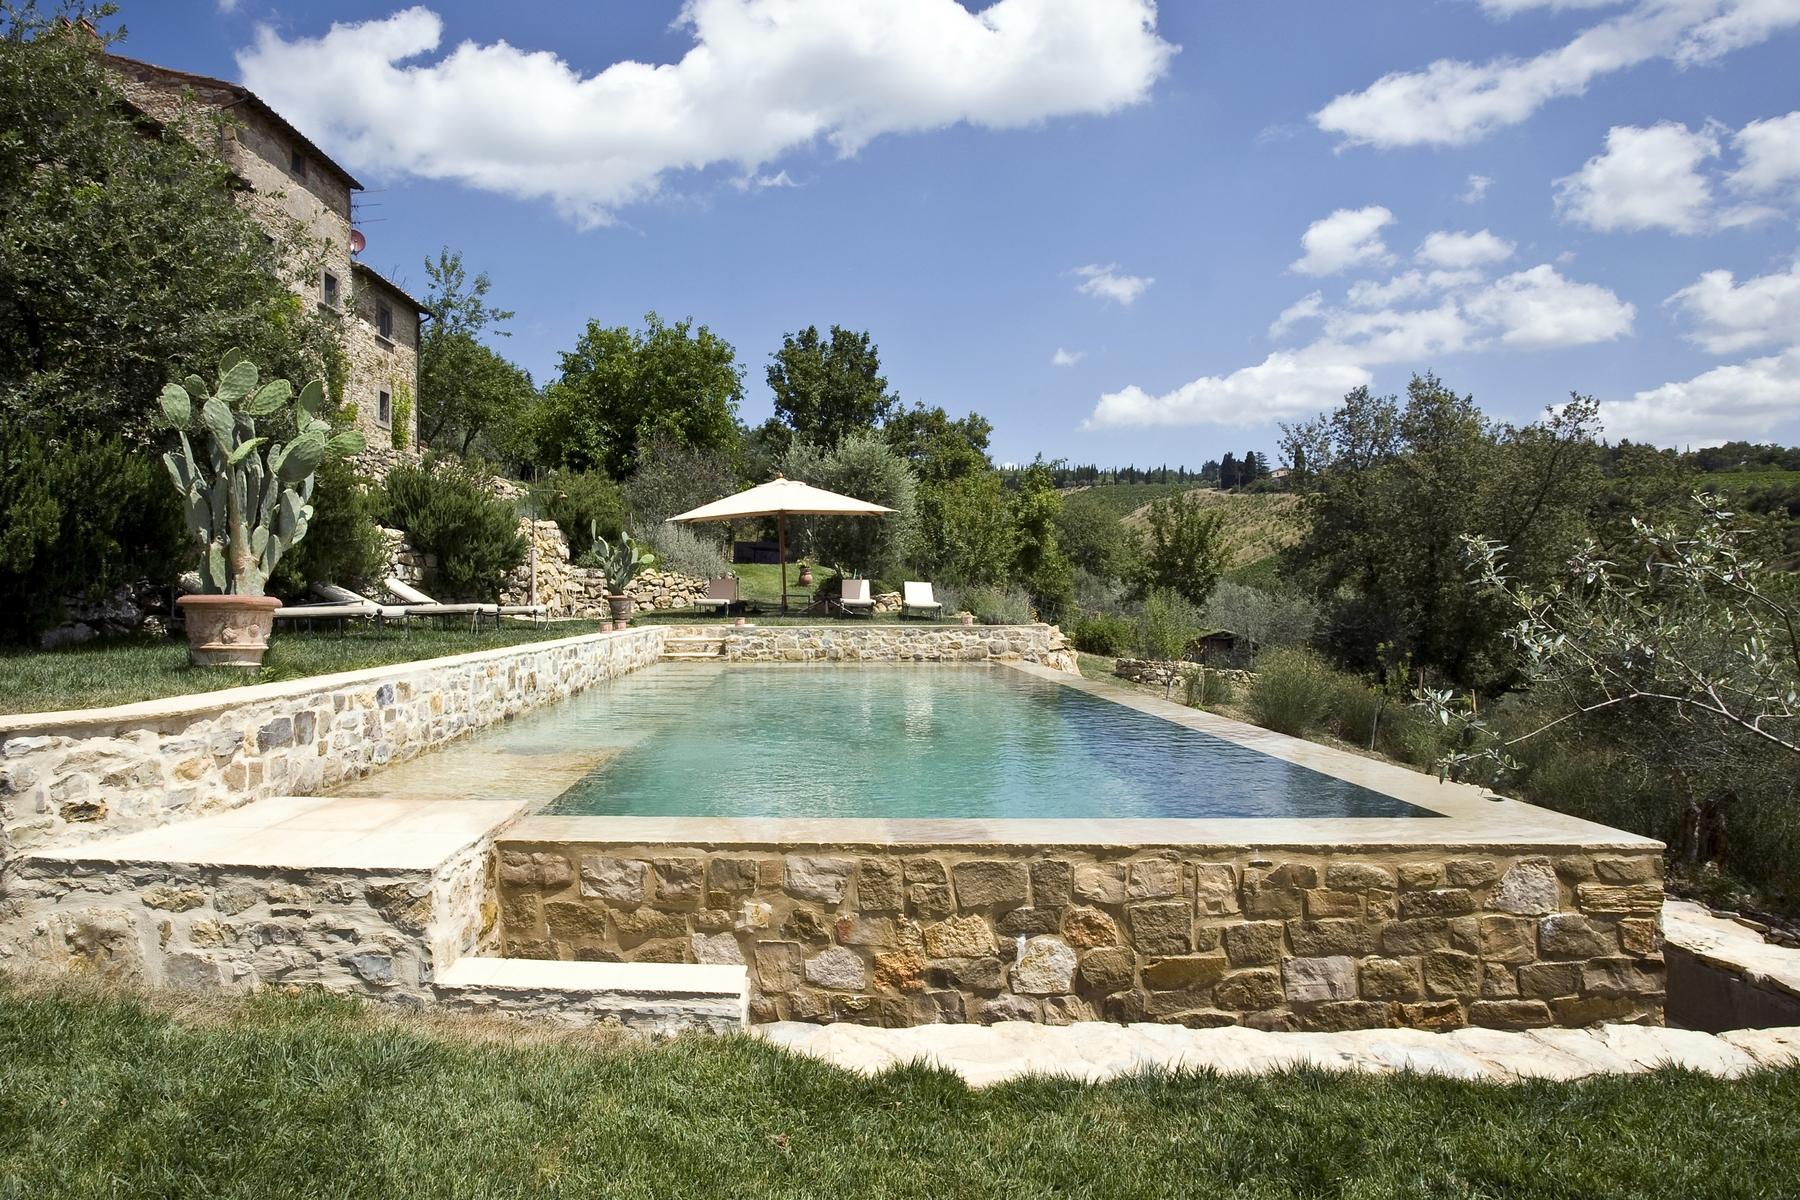 坐落于Chianti地区的绝美的农舍,且享有壮丽的景色和游泳池 - 1